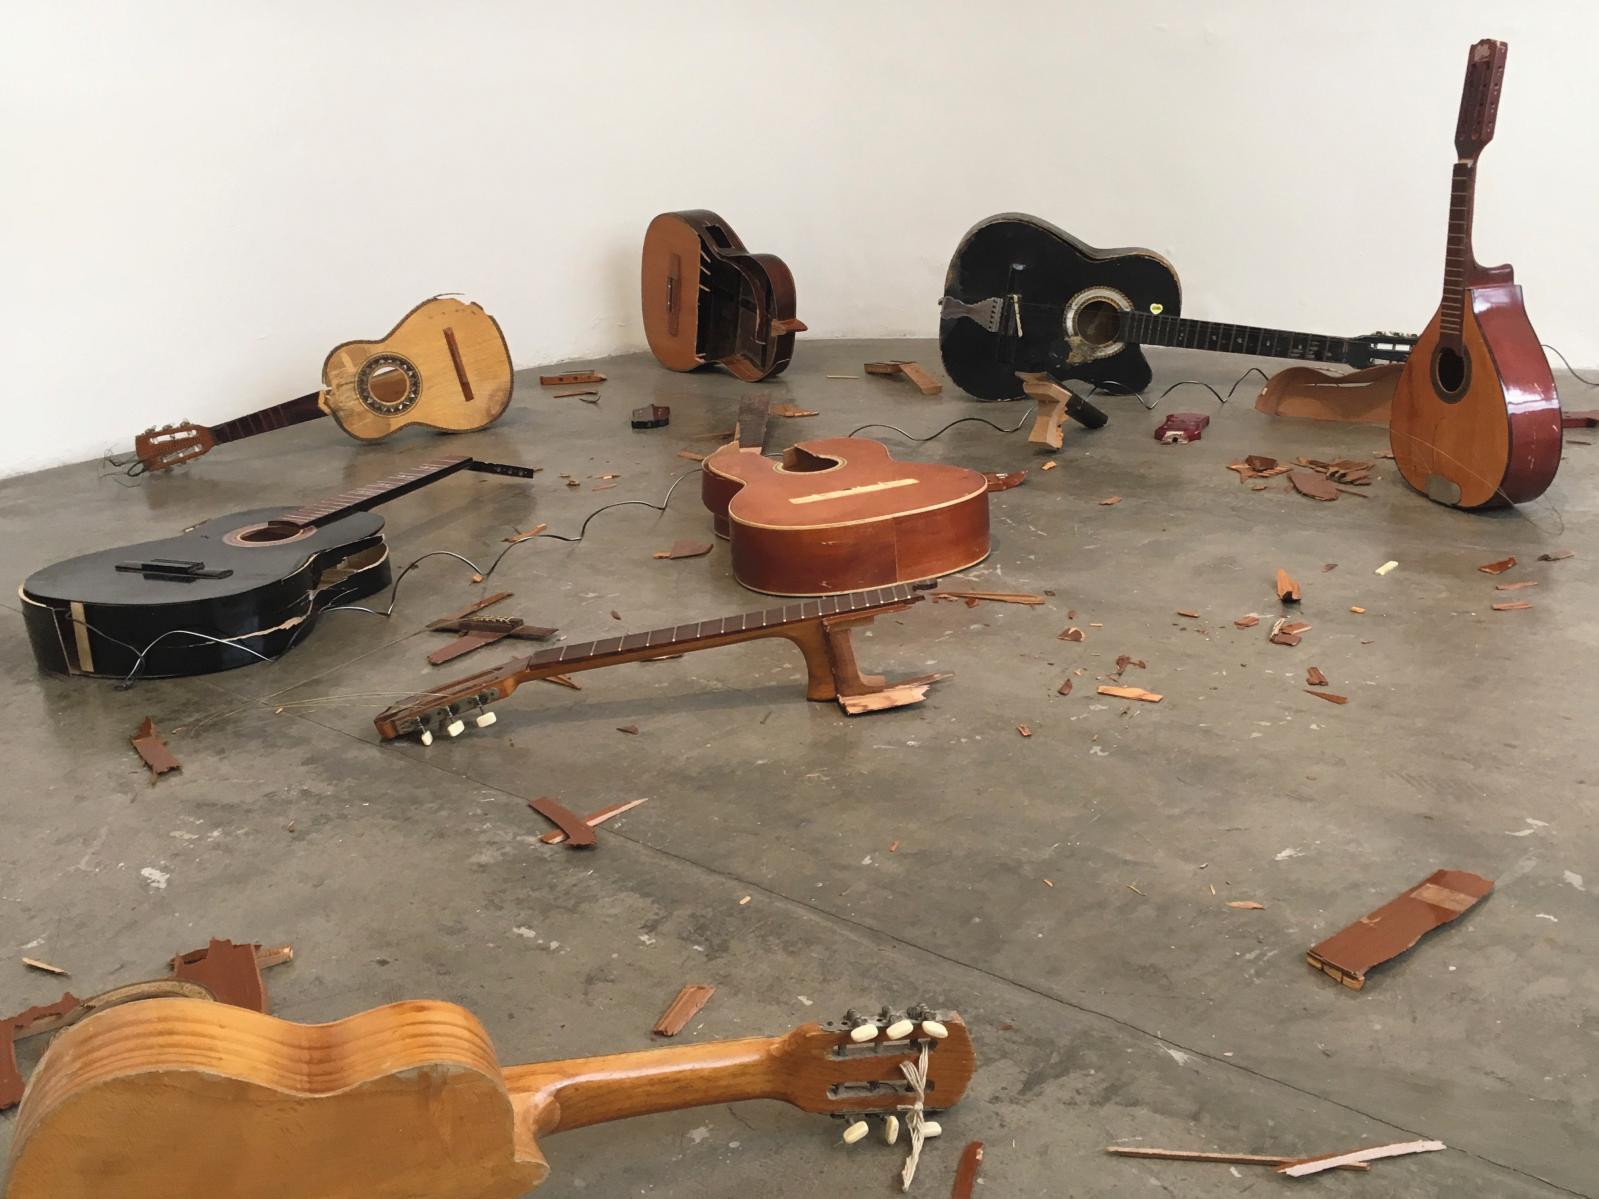 Vue de l'exposition«Entre. Manuel Rocha Iturbide», septembre 2016. Courtesy Le Laboratoire